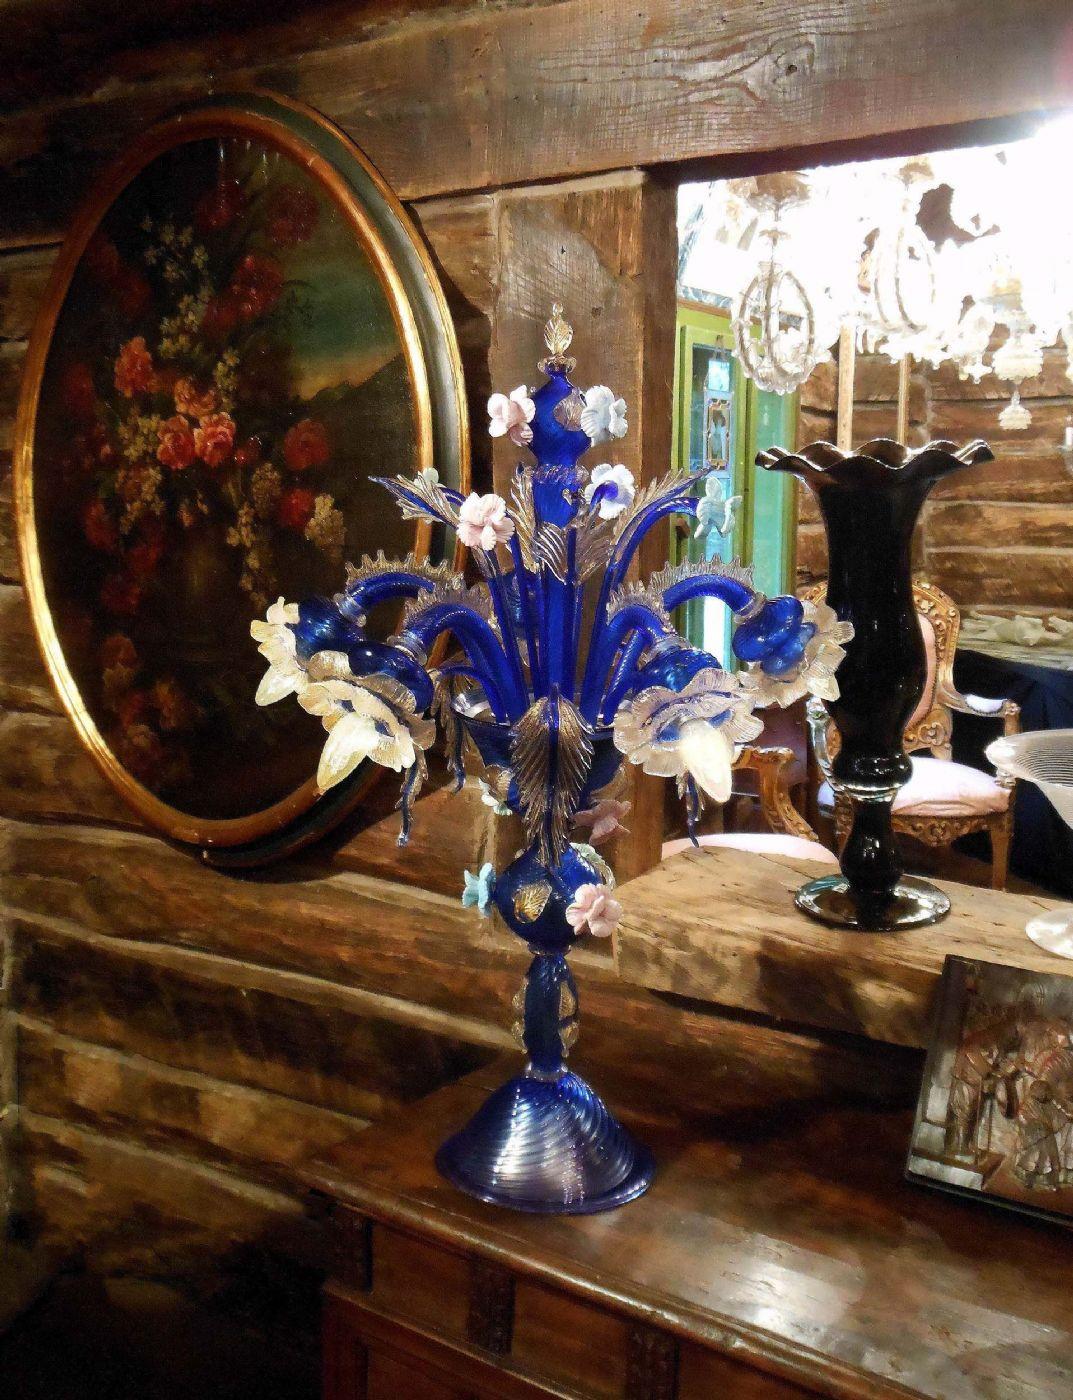 Raro flambeau eccezionale lampadario da tavolo in - Lampadario tavolo ...